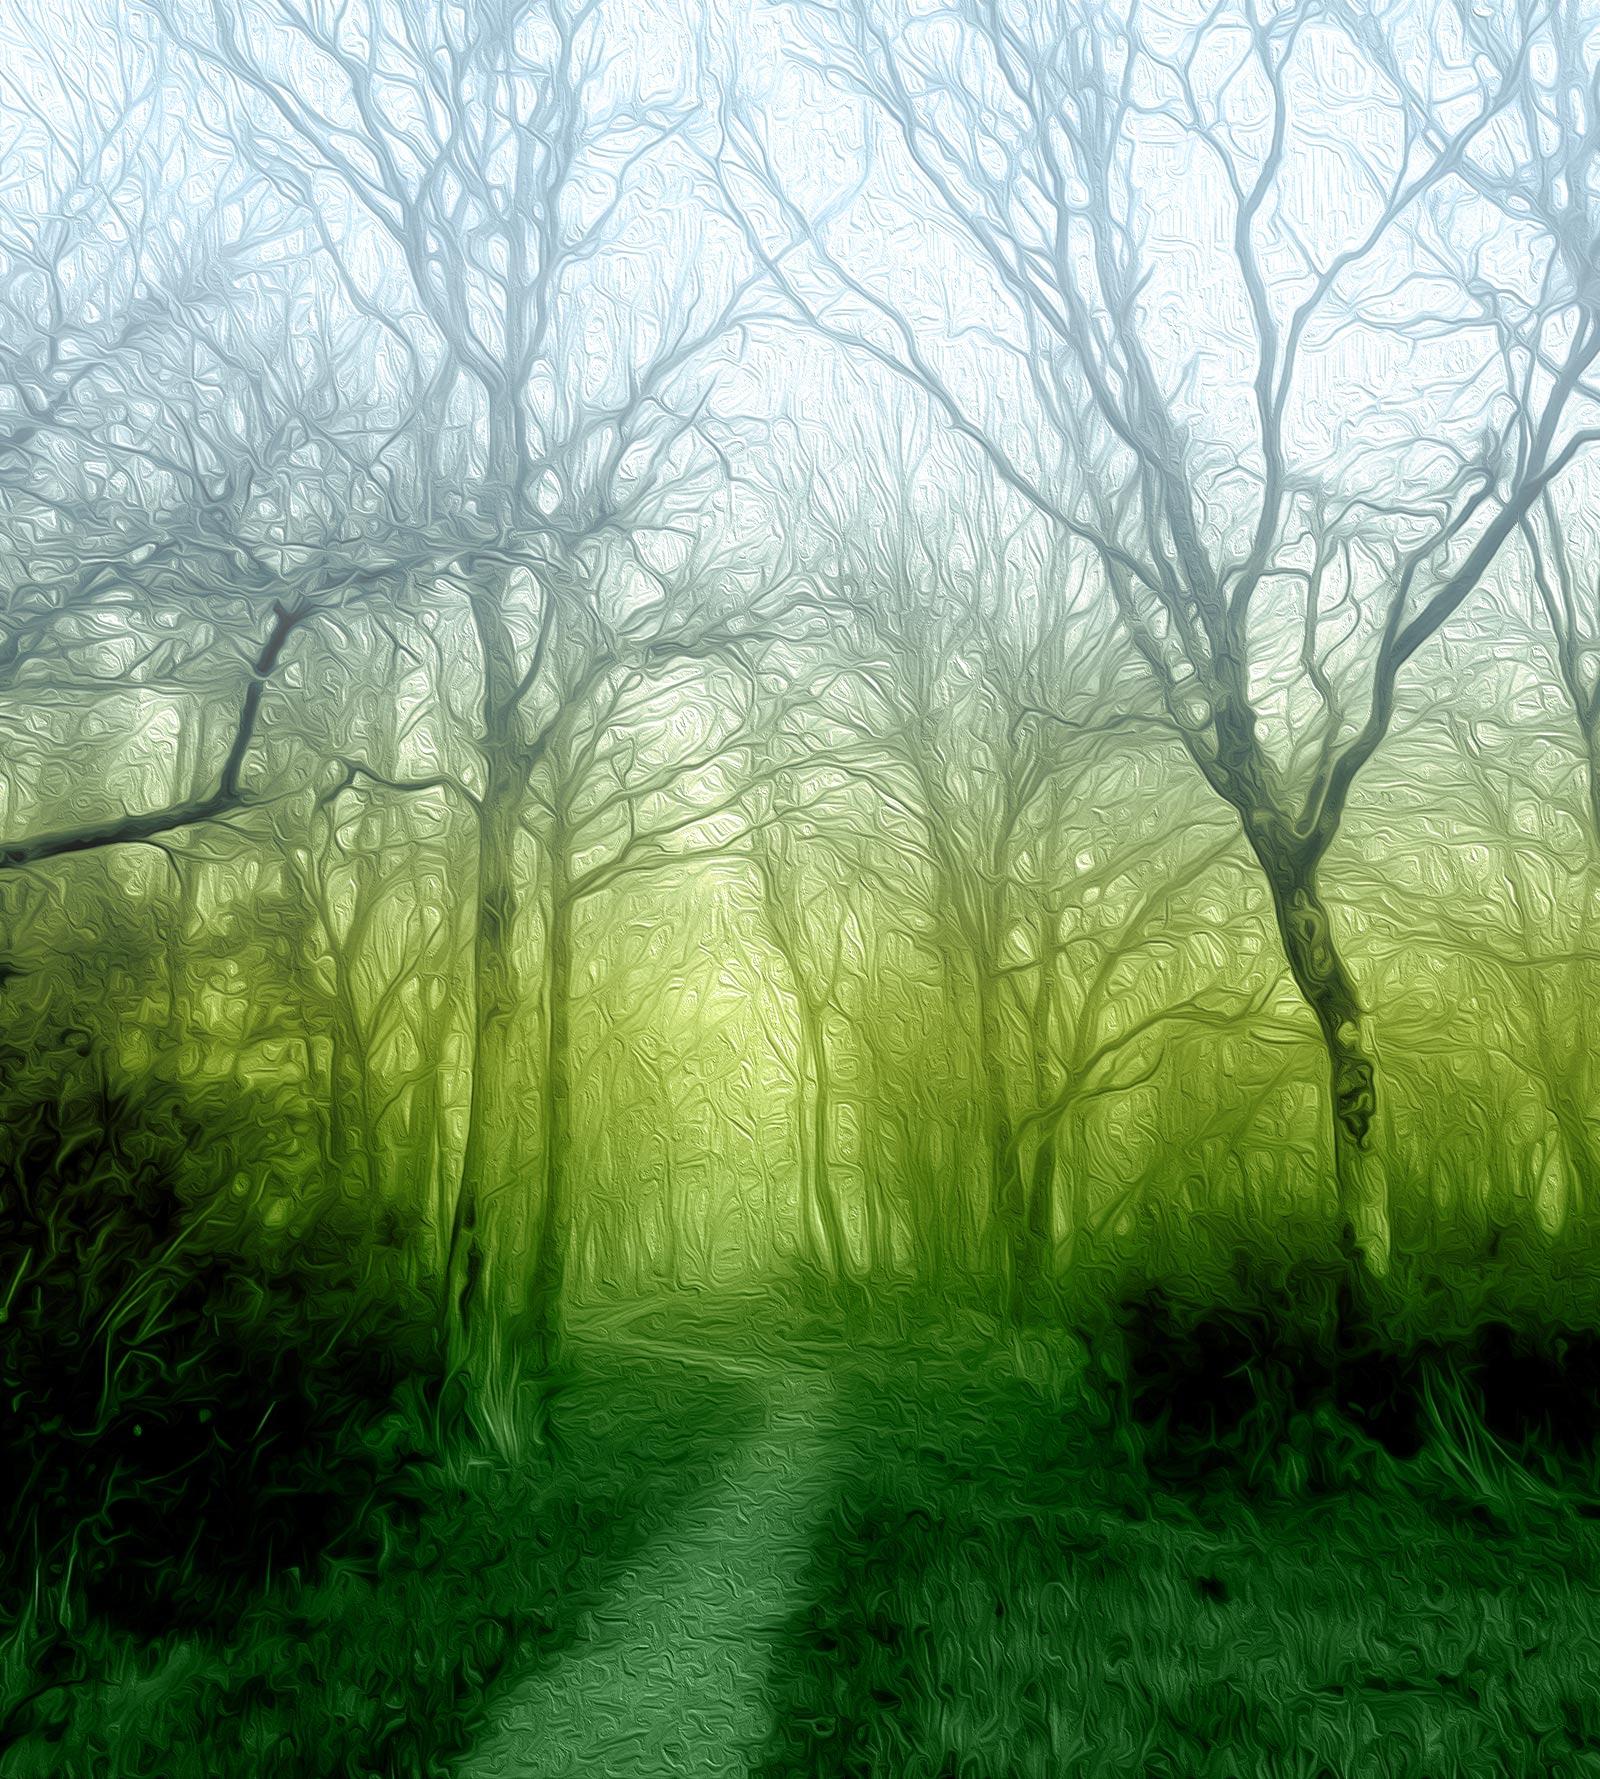 Ilustración gratis -Paisaje con árboles y niebla - Efecto pintura al óleo